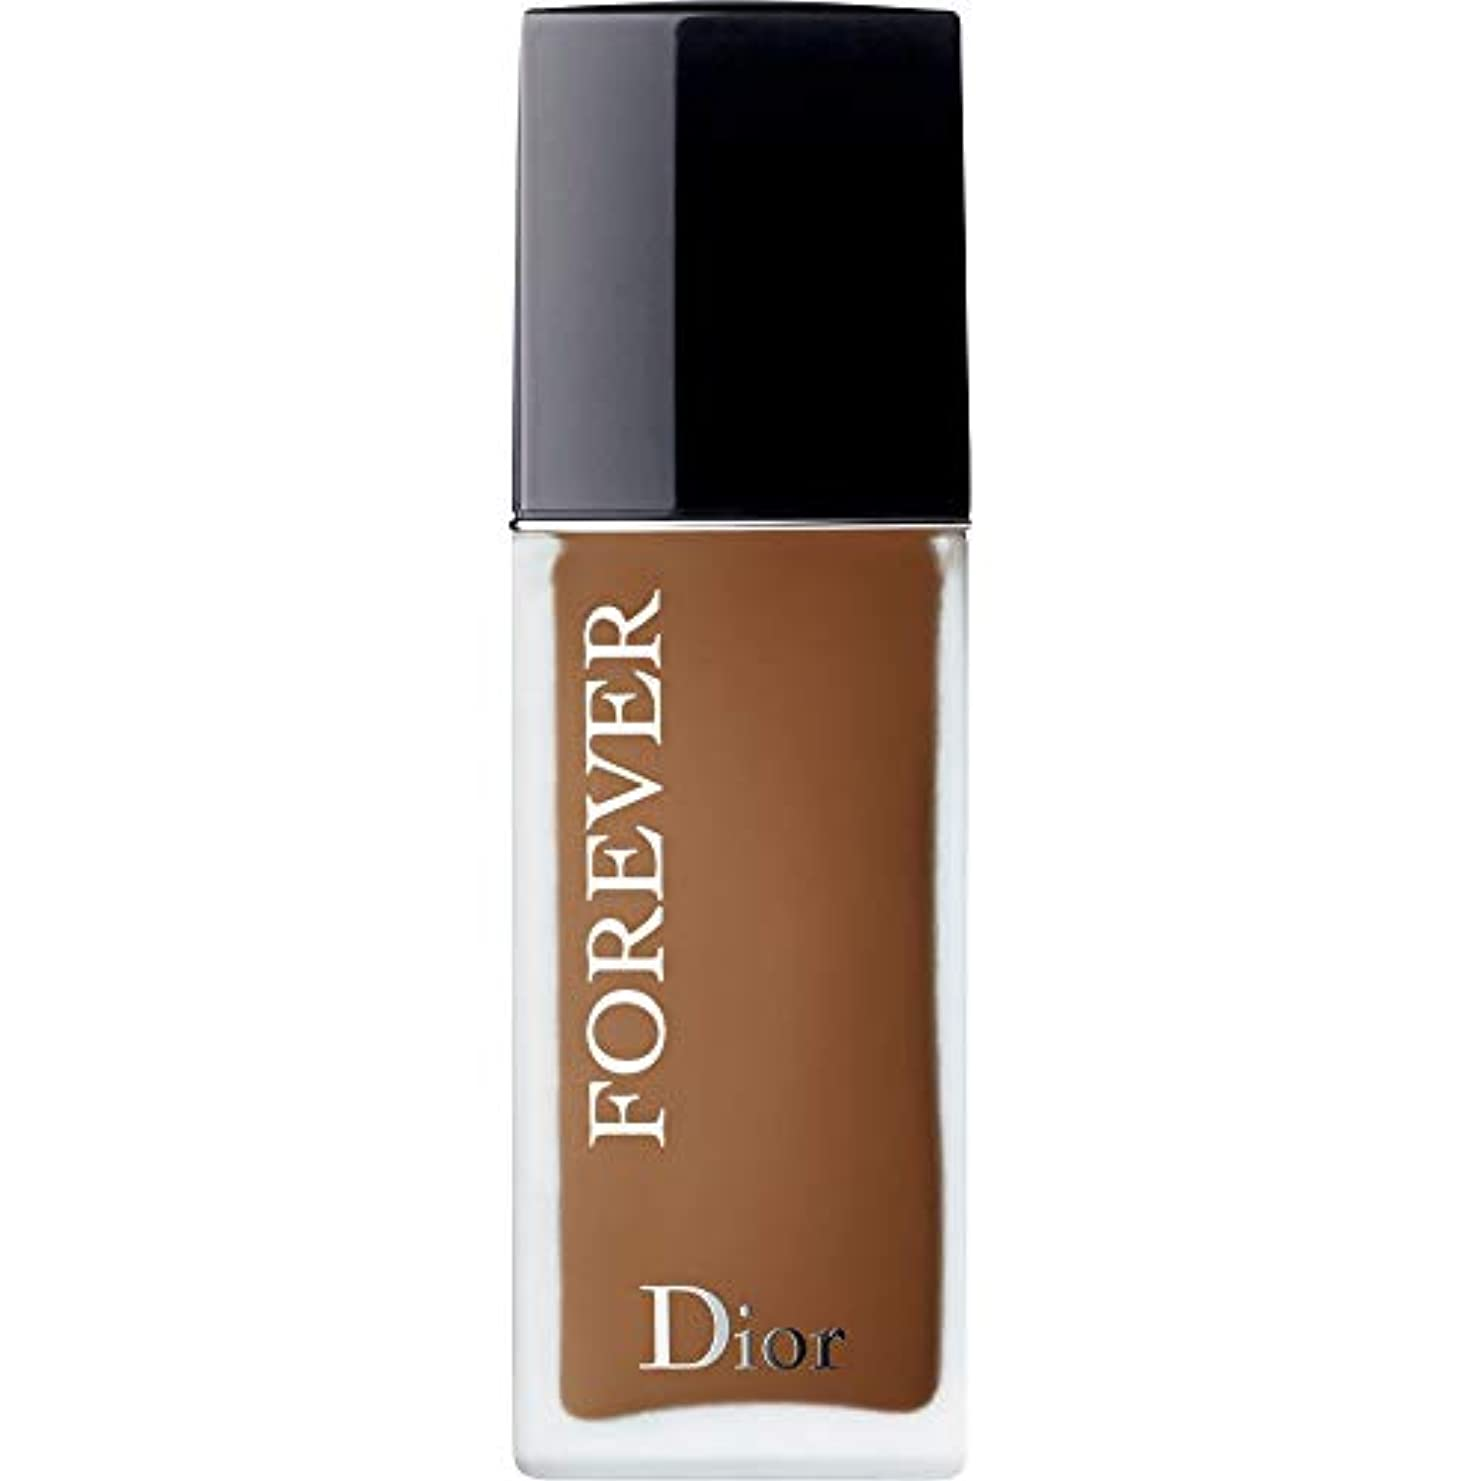 戦艦推測吸収[Dior ] ディオール永遠皮膚思いやりの基盤Spf35 30ミリリットルの7N - ニュートラル(つや消し) - DIOR Forever Skin-Caring Foundation SPF35 30ml 7N -...